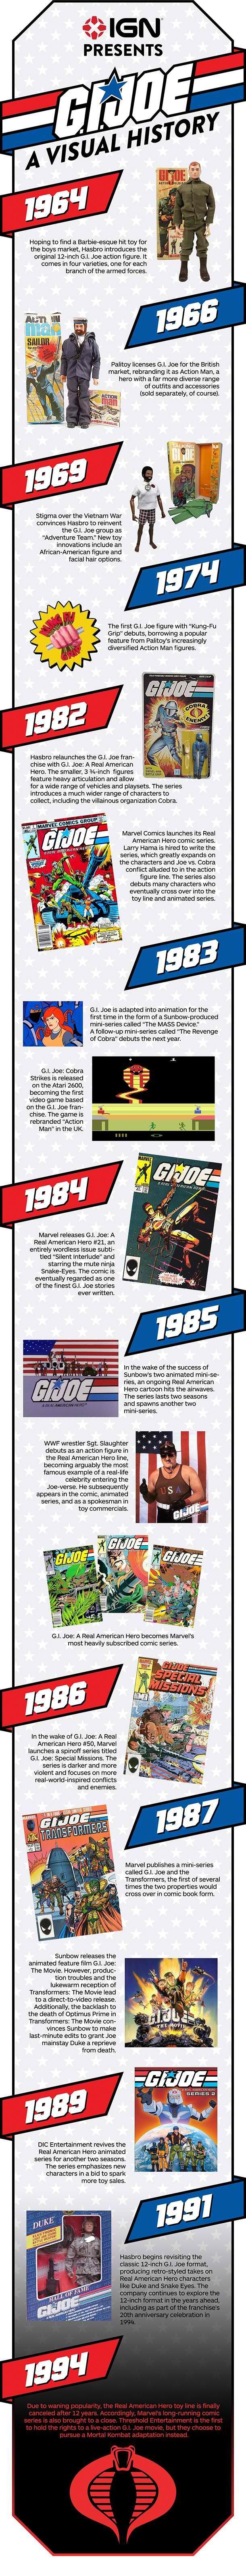 GI Joe A Visual History (1964-1994)